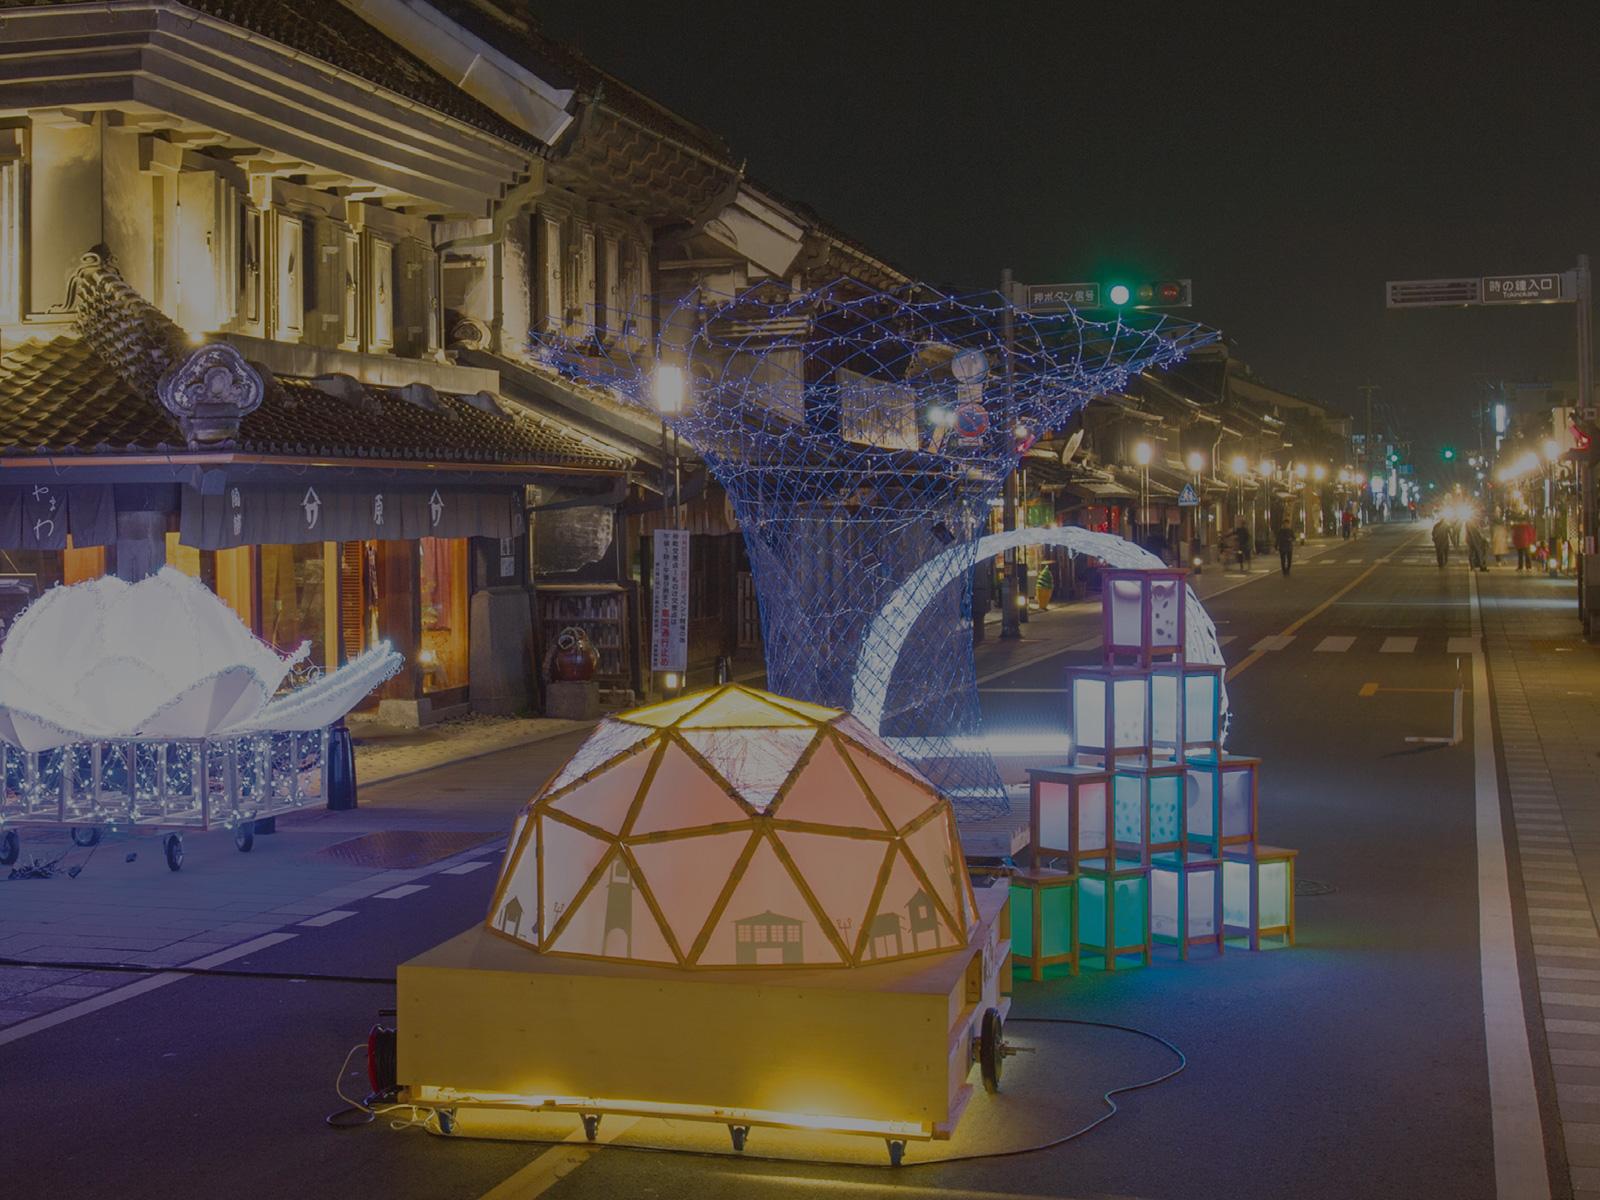 川越 食と音と灯りの融合 Kawagoe REMIX(カワゴエリミックス)2017